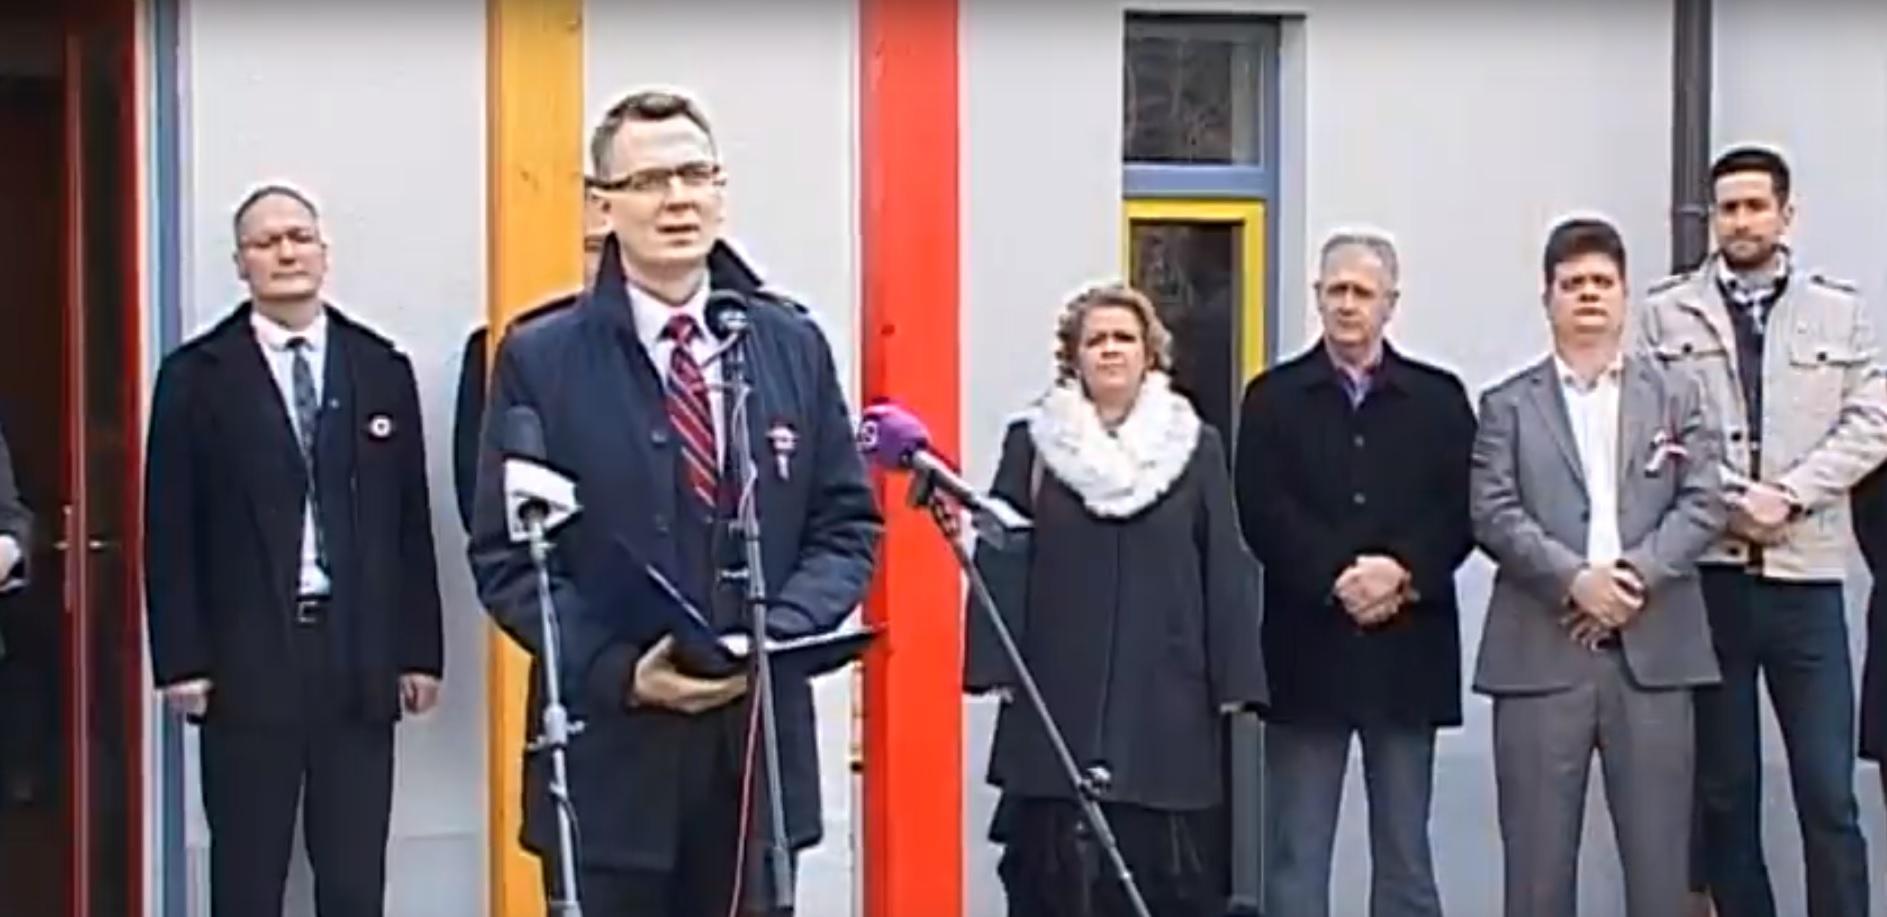 Győztek az óvodások: elmaradt a kismarosi óvoda pályaátadója, ahol Rétvári Bence villogott volna a biodíszletnek használt négyévesekkel